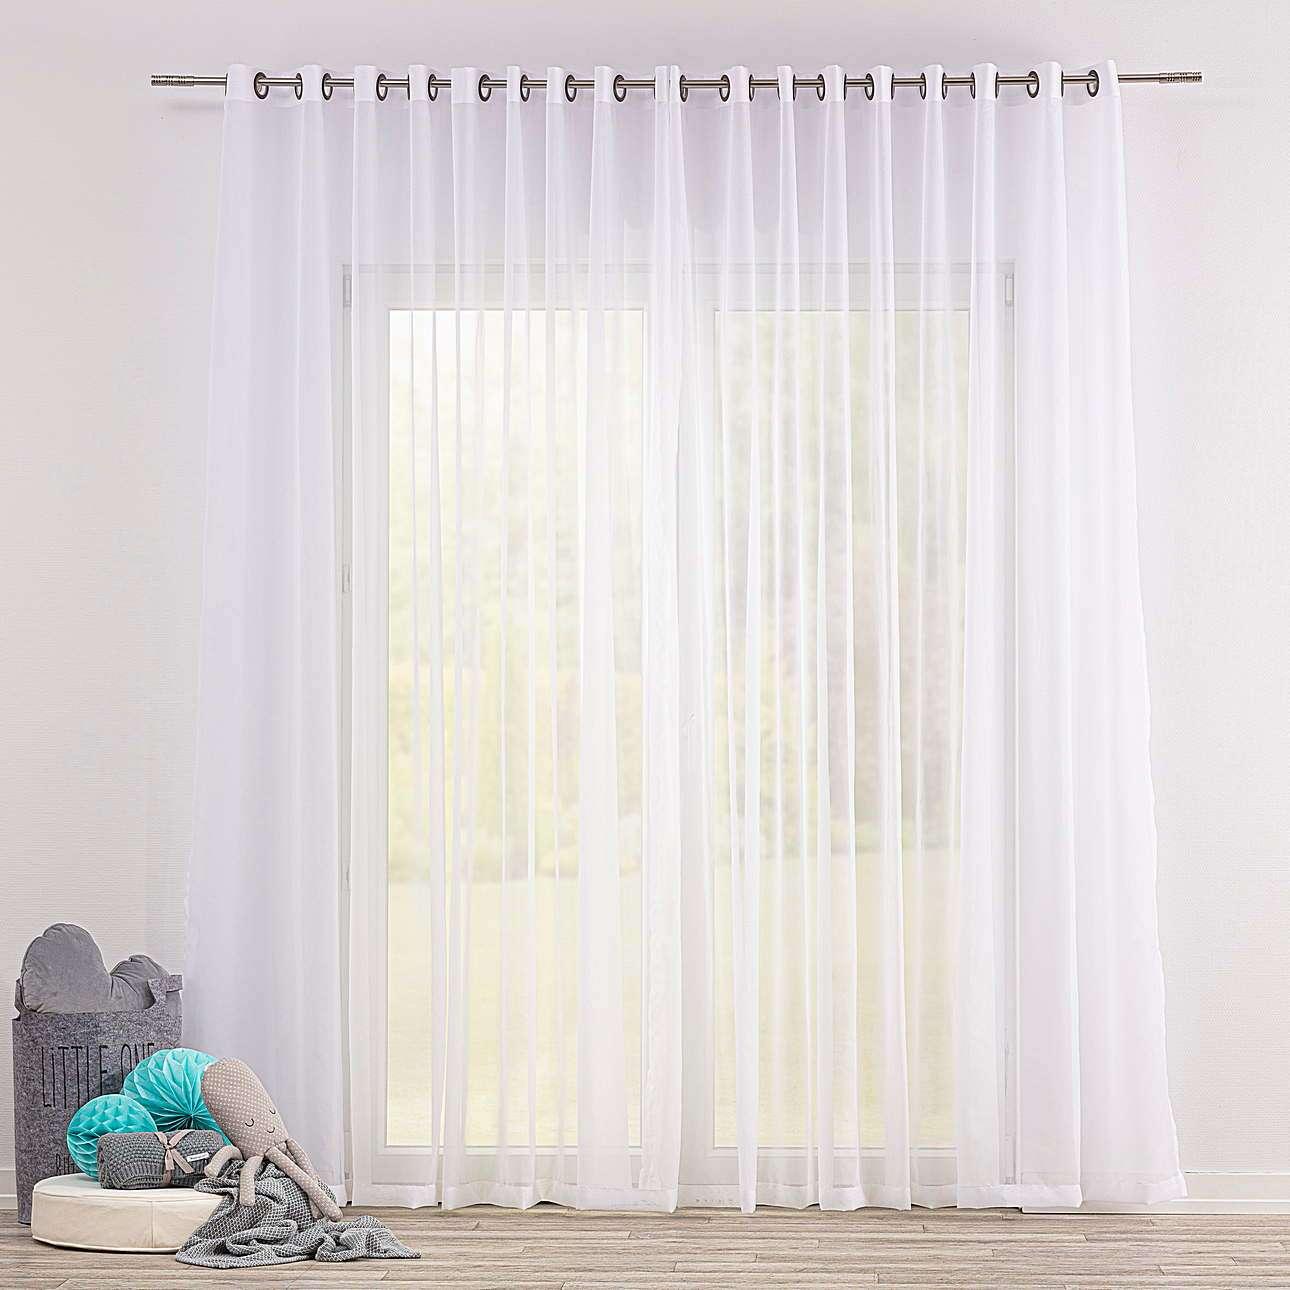 Voálová záclona s průchodkami v kolekci Soft Veil, látka: 900-00